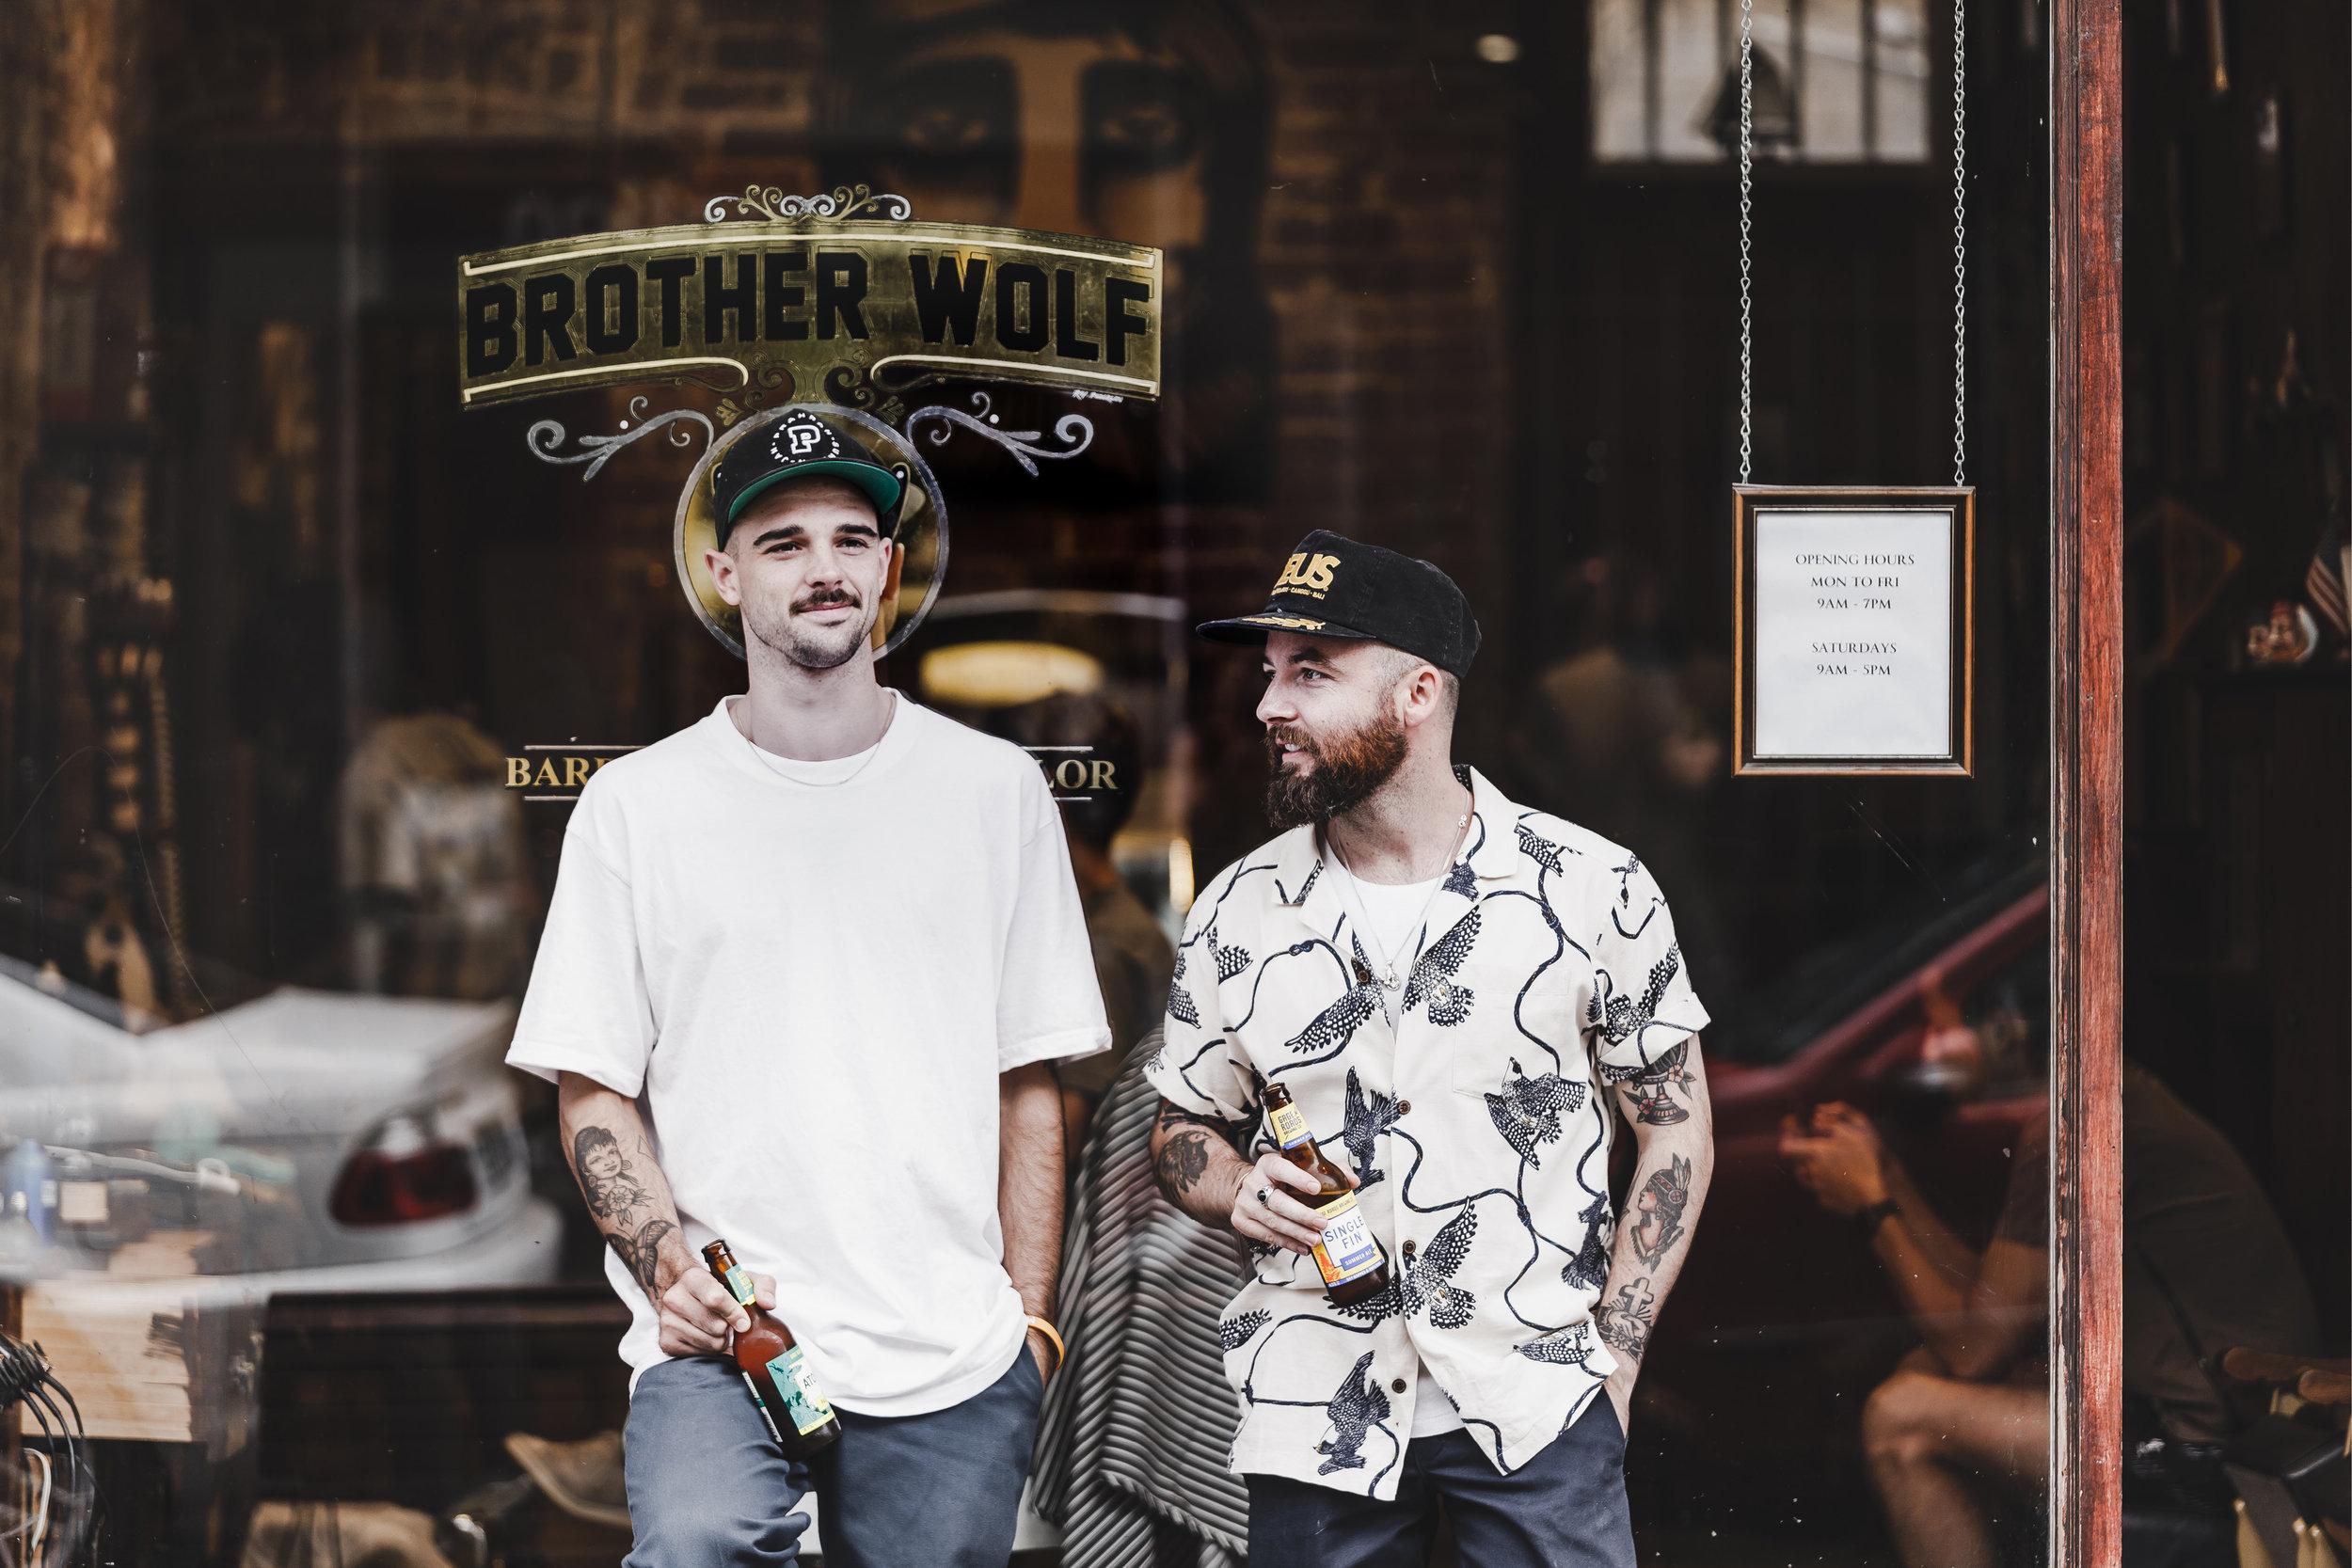 Maegan_Brown_Brotherwolf_8.jpg